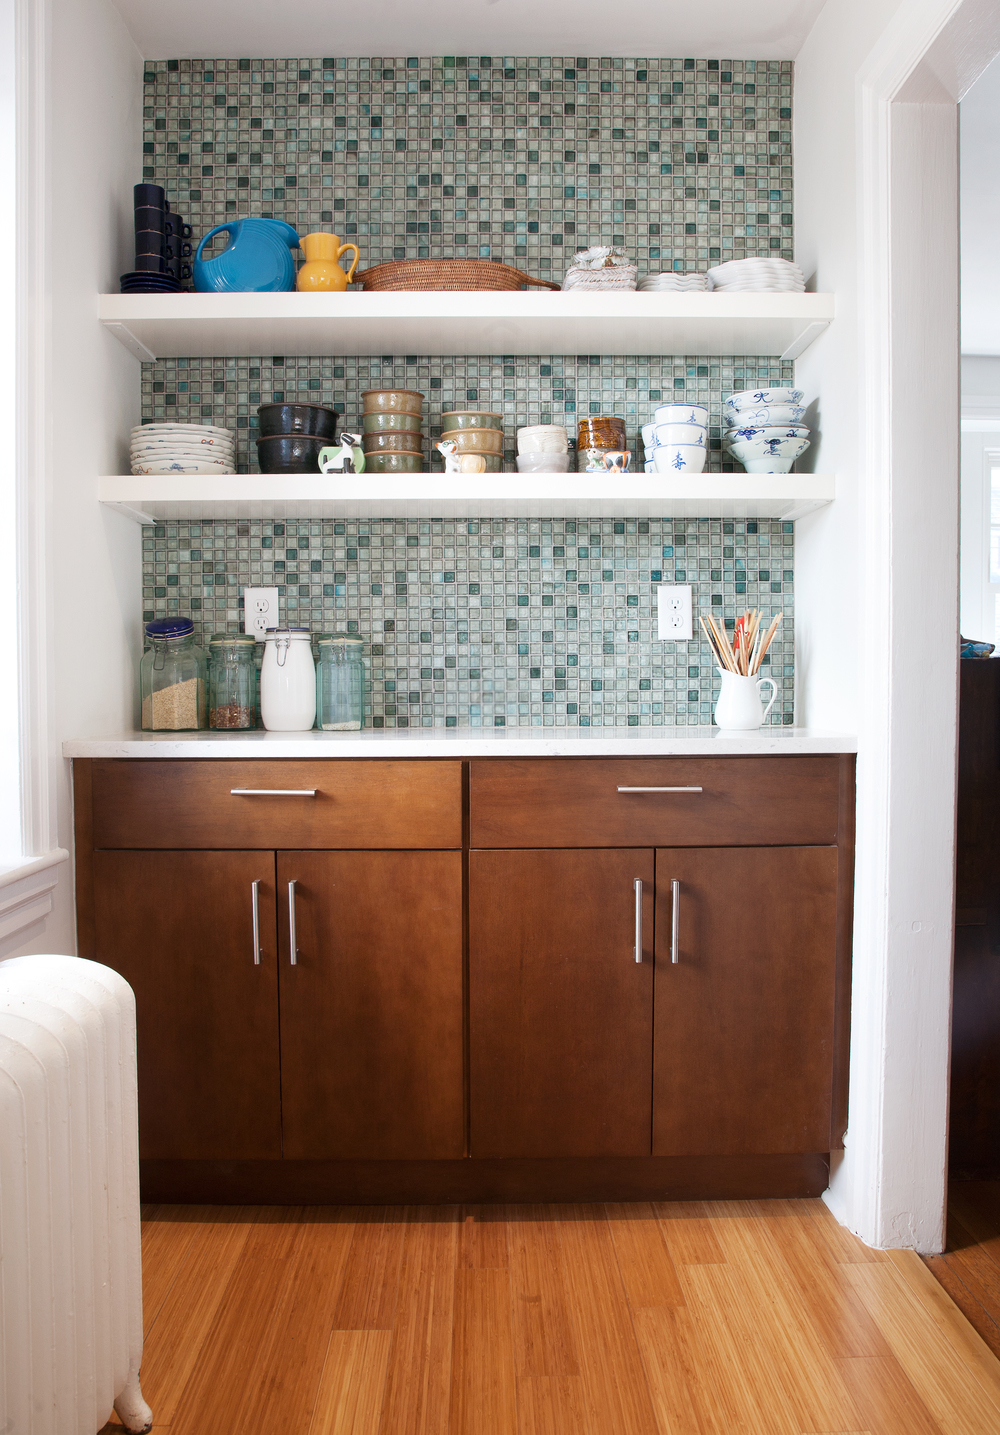 Lodges-kitchen-2.jpg